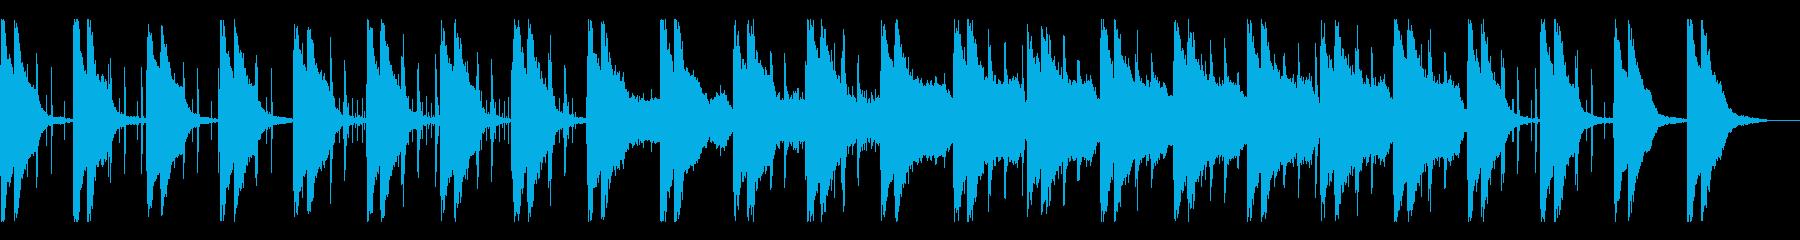 しんみり静かなローファイヒップホップの再生済みの波形